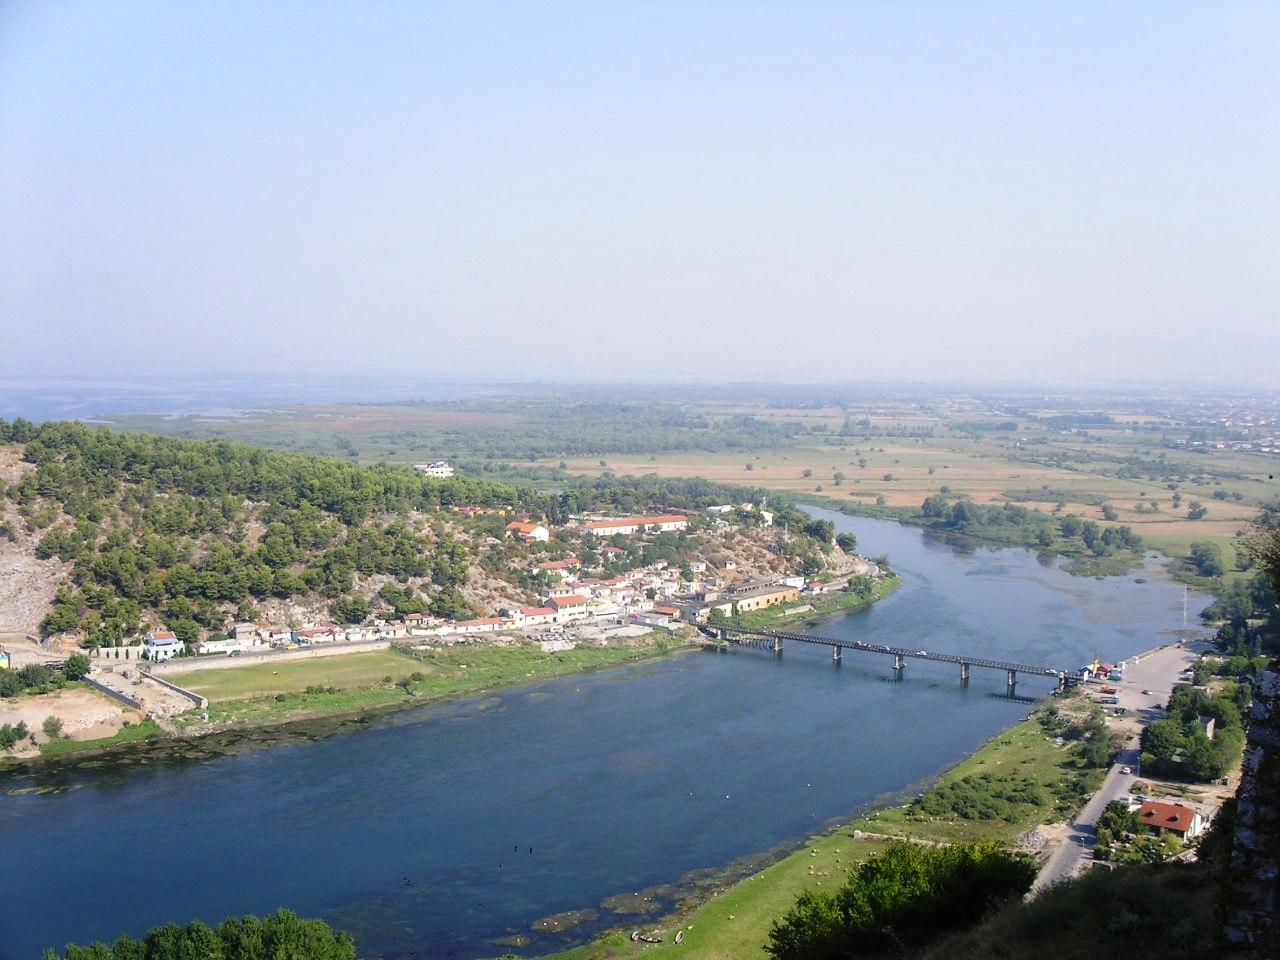 Osservatorio italiano albania fiume buna dragaggio - Letto di un fiume ...